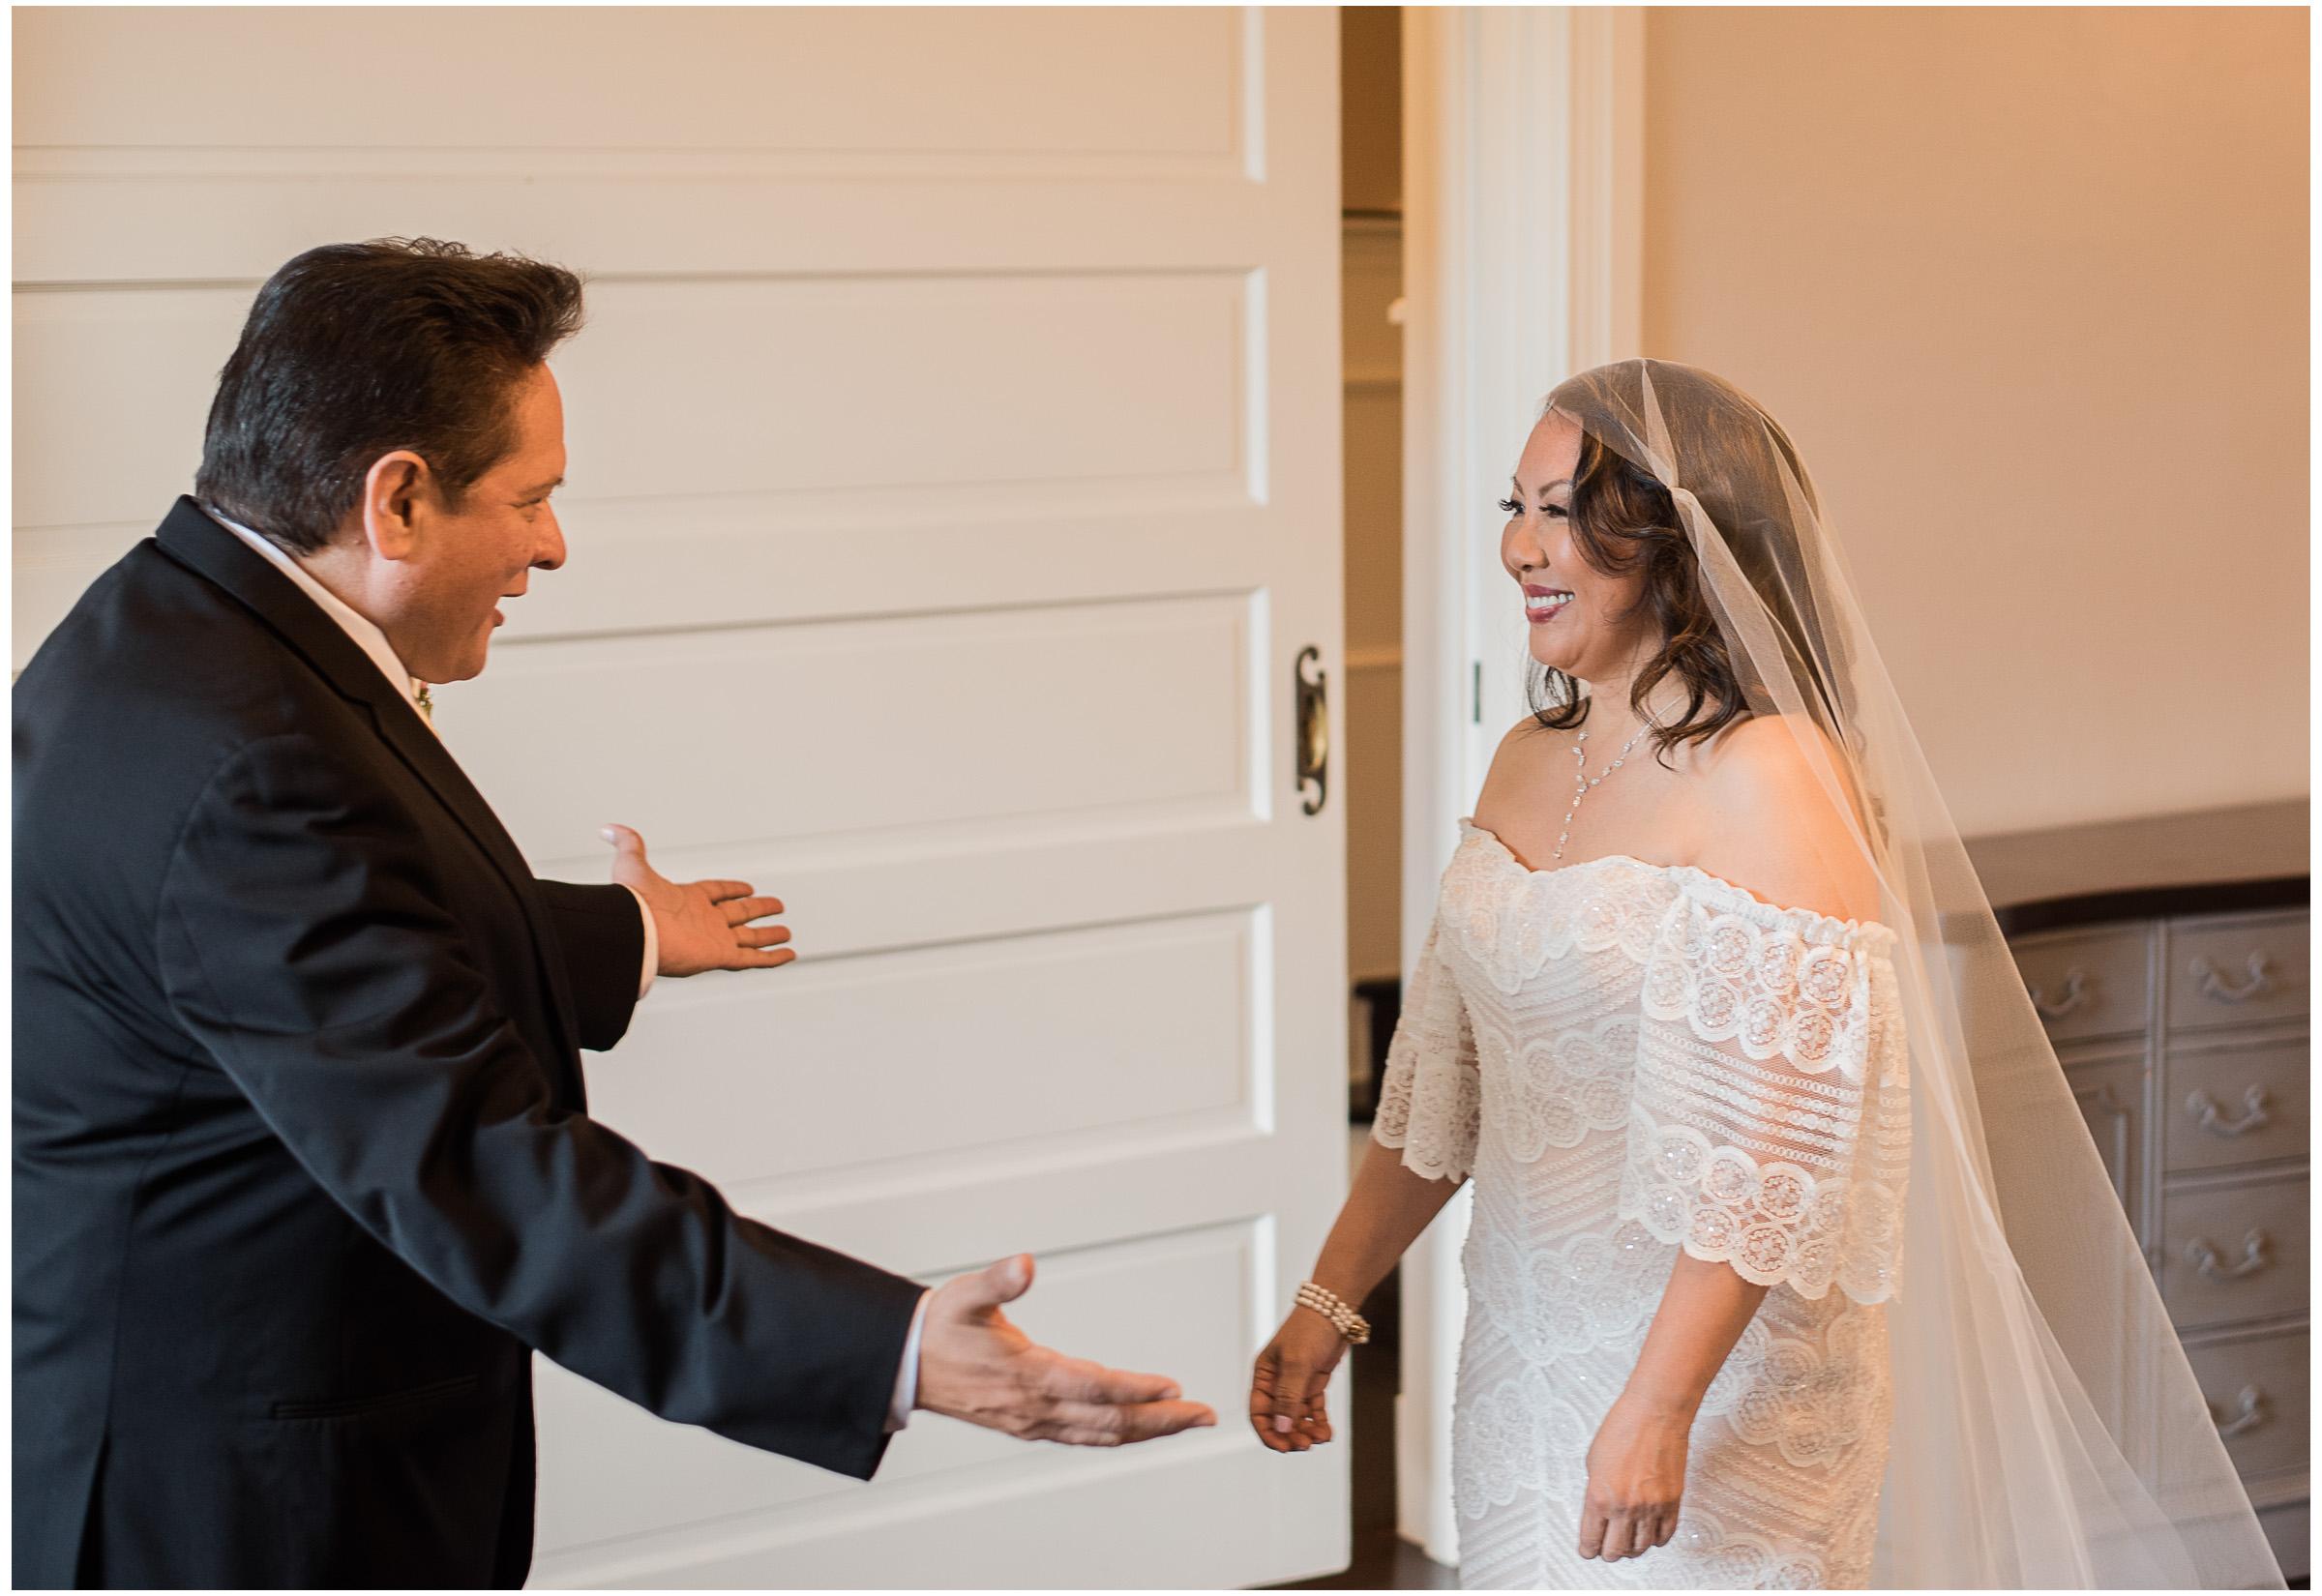 Sacramento Wedding - Sacramento Photographer - Vizcaya - Justin Wilcox Photography - 8.jpg